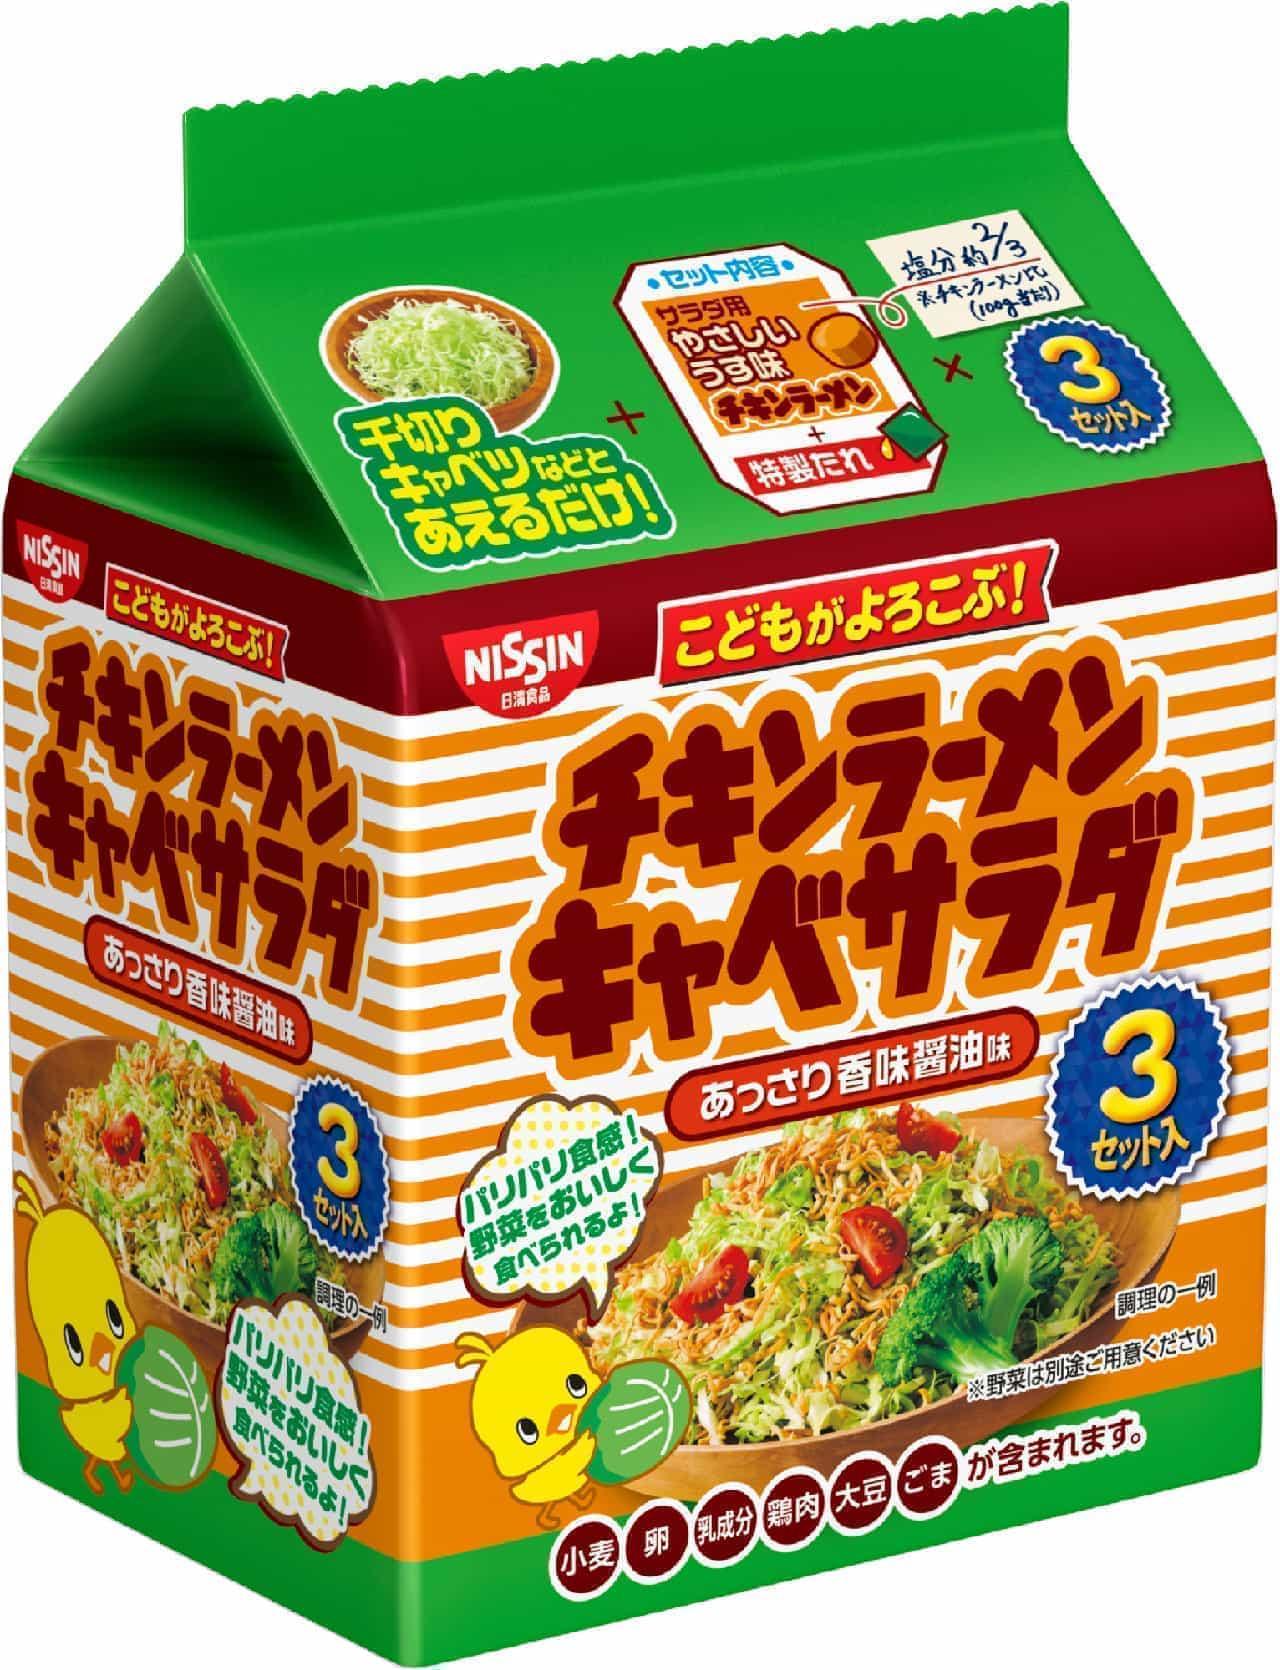 日清食品「チキンラーメン キャベサラダ あっさり香味醤油味 3食パック」